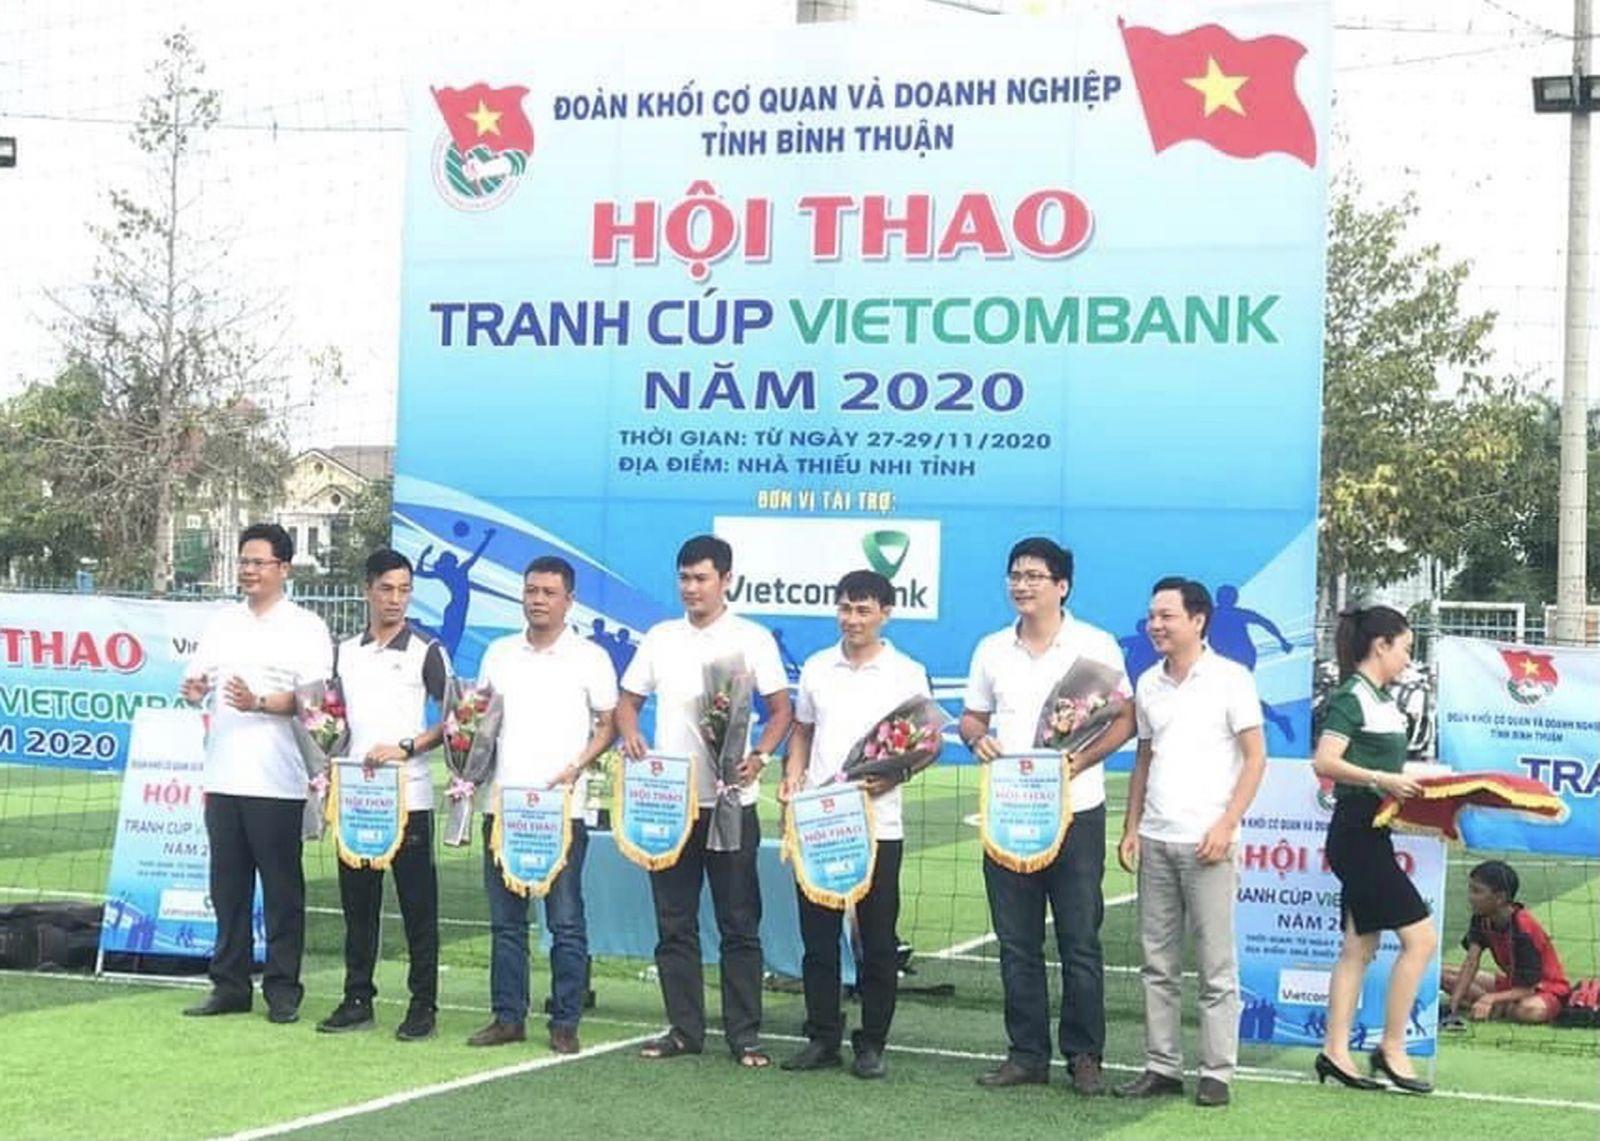 Hình Đoàn Khối cơ quan và doanh nghiệp tỉnh tổ chức Lễ khai mạc Hội thao tranh cúp Vietcombank năm 2020